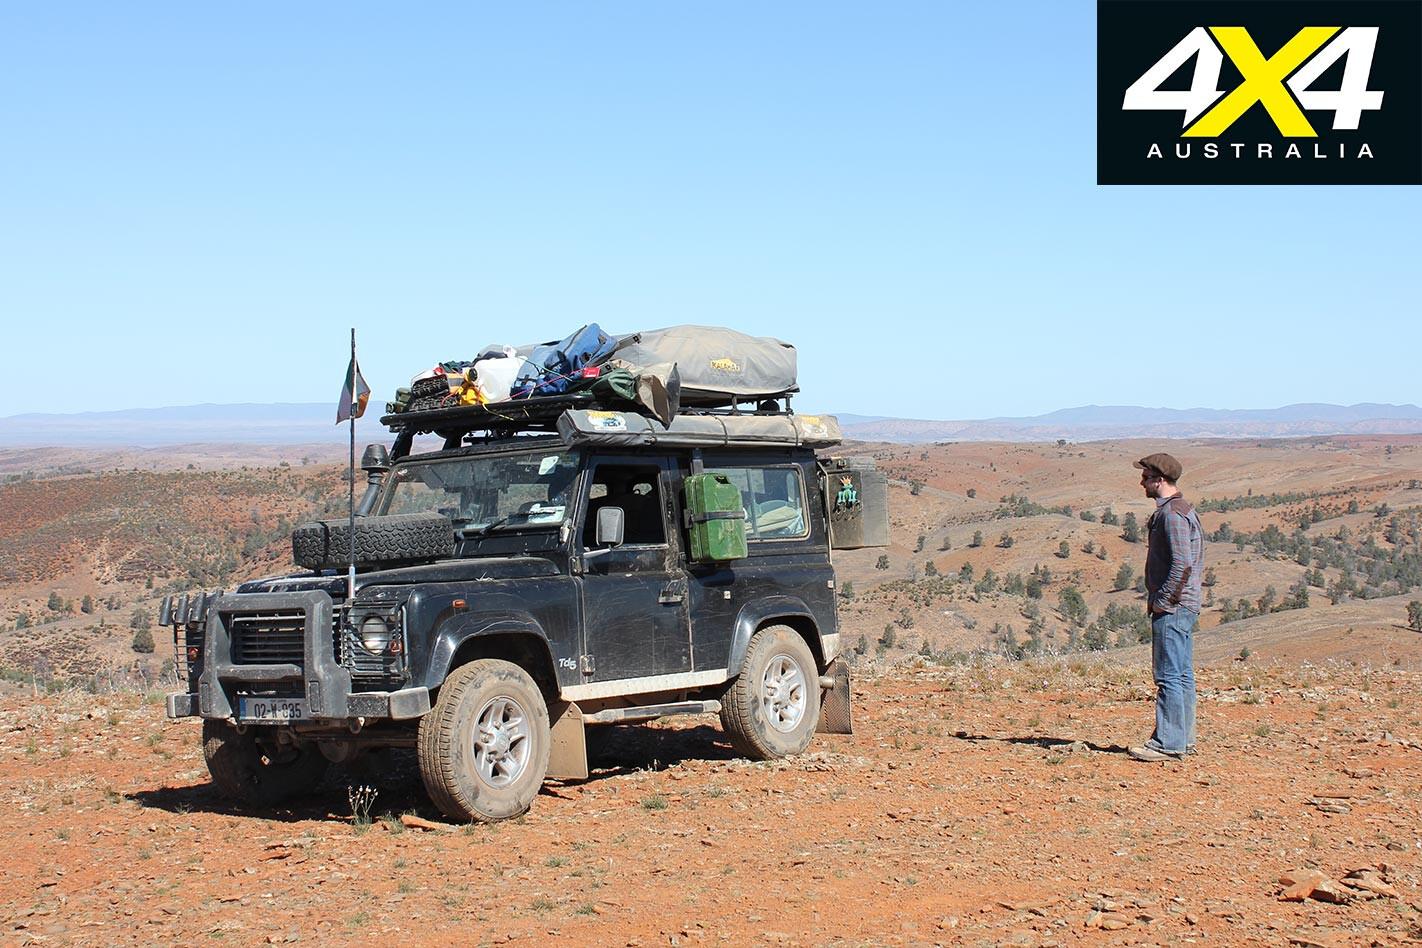 Flinders Ranges 4 X 4 Aus Jan 2018 Jpg